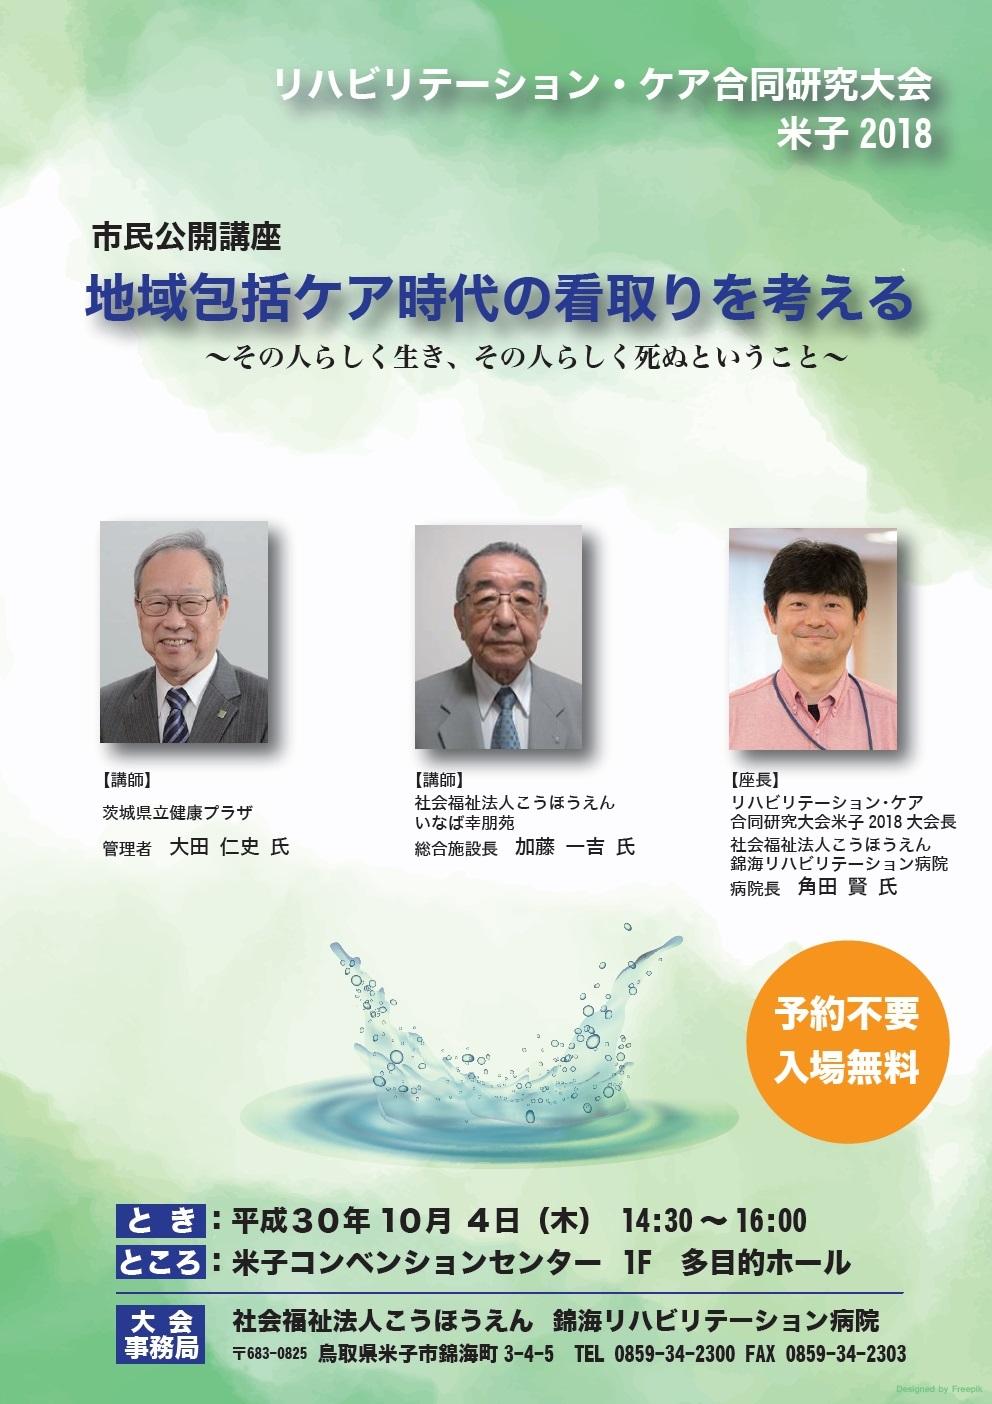 リハケア米子2018市民公開講座案内